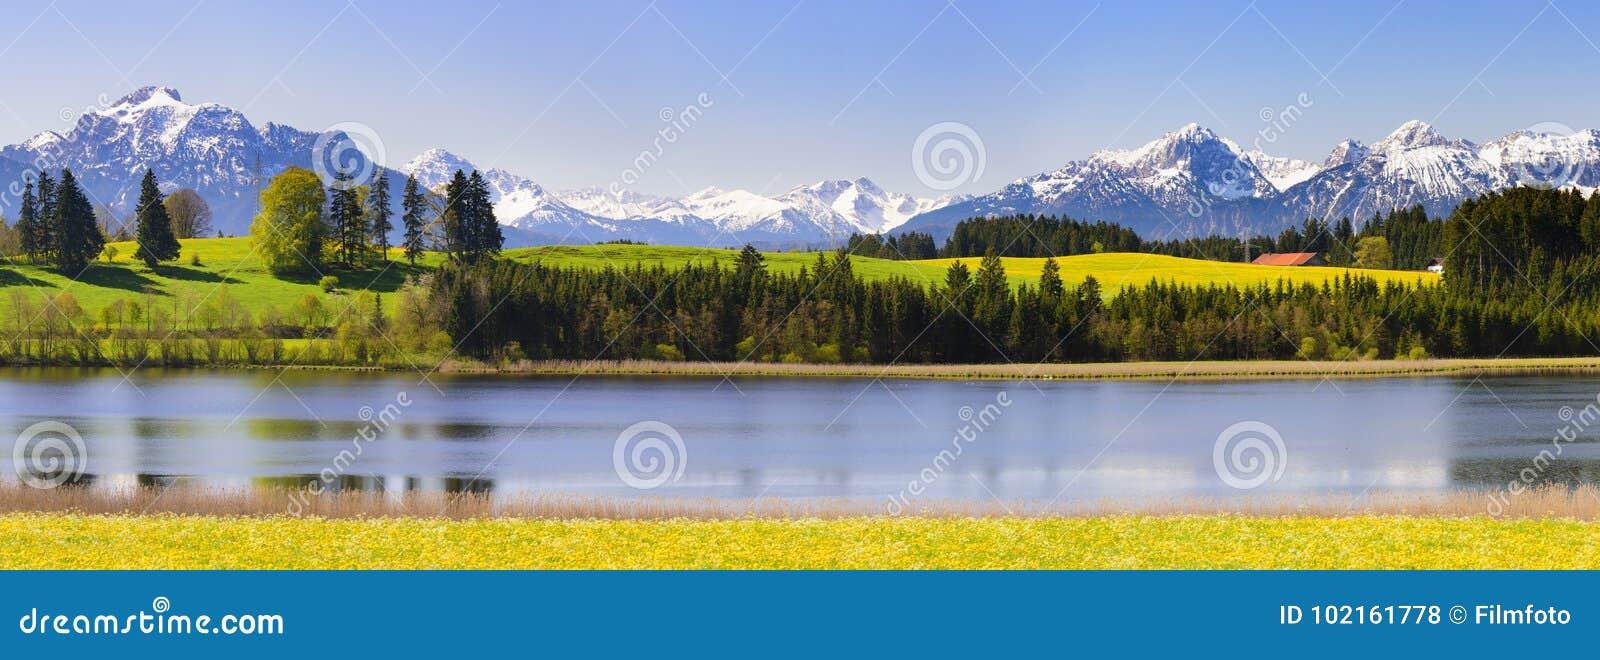 Paysage de panorama en Bavière avec des montagnes d alpes